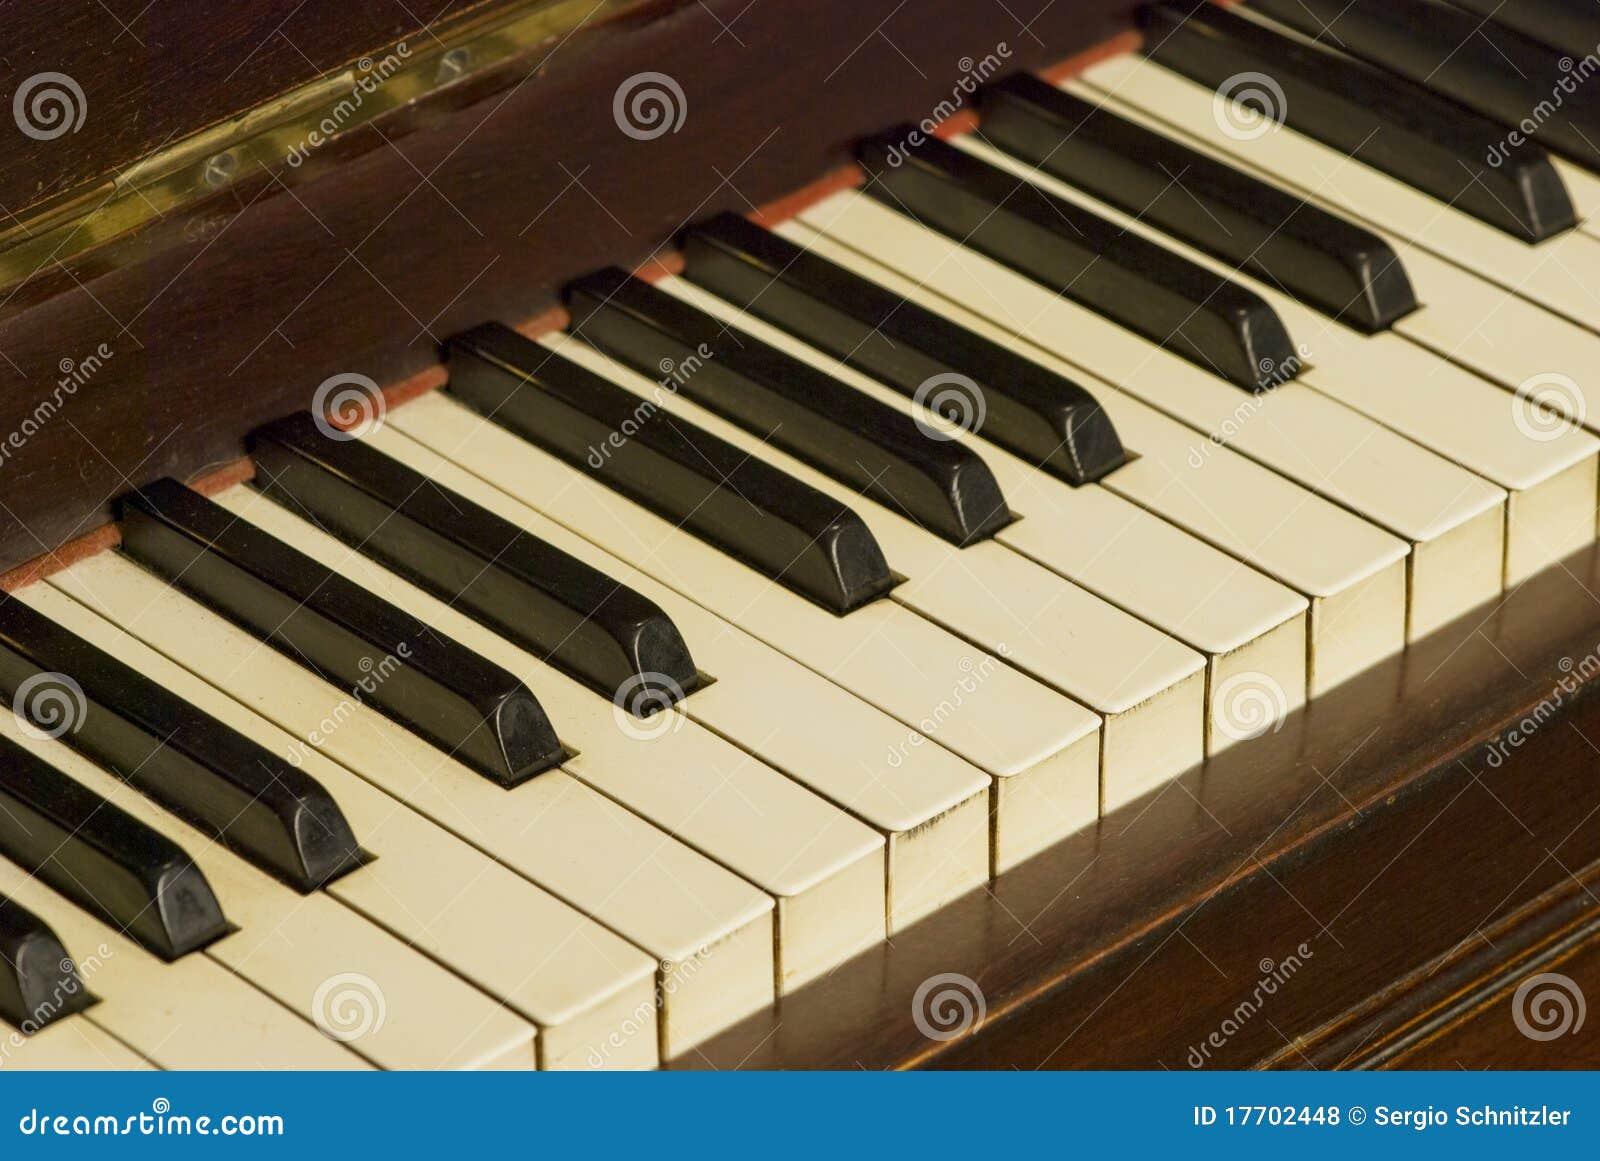 Vieja opini n de la inclinaci n del teclado de piano fotos for Objetos hechos con marmol